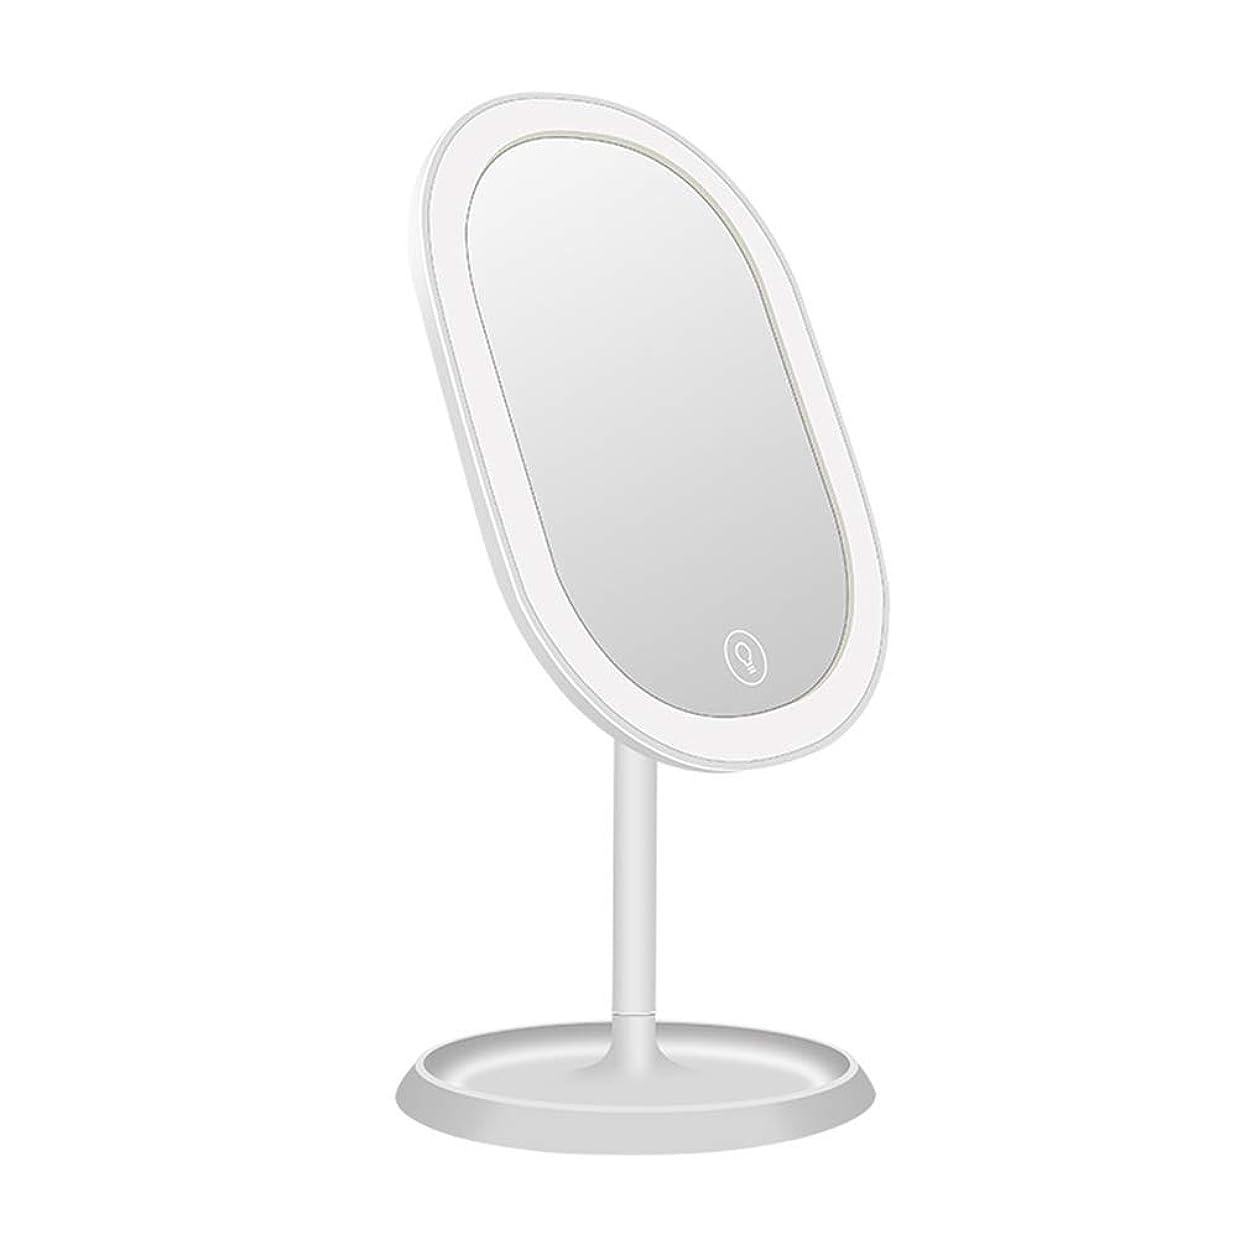 優れた差別する接ぎ木Paulcans 充電式LED化粧鏡高精細化粧品美容ツール ファッション小物